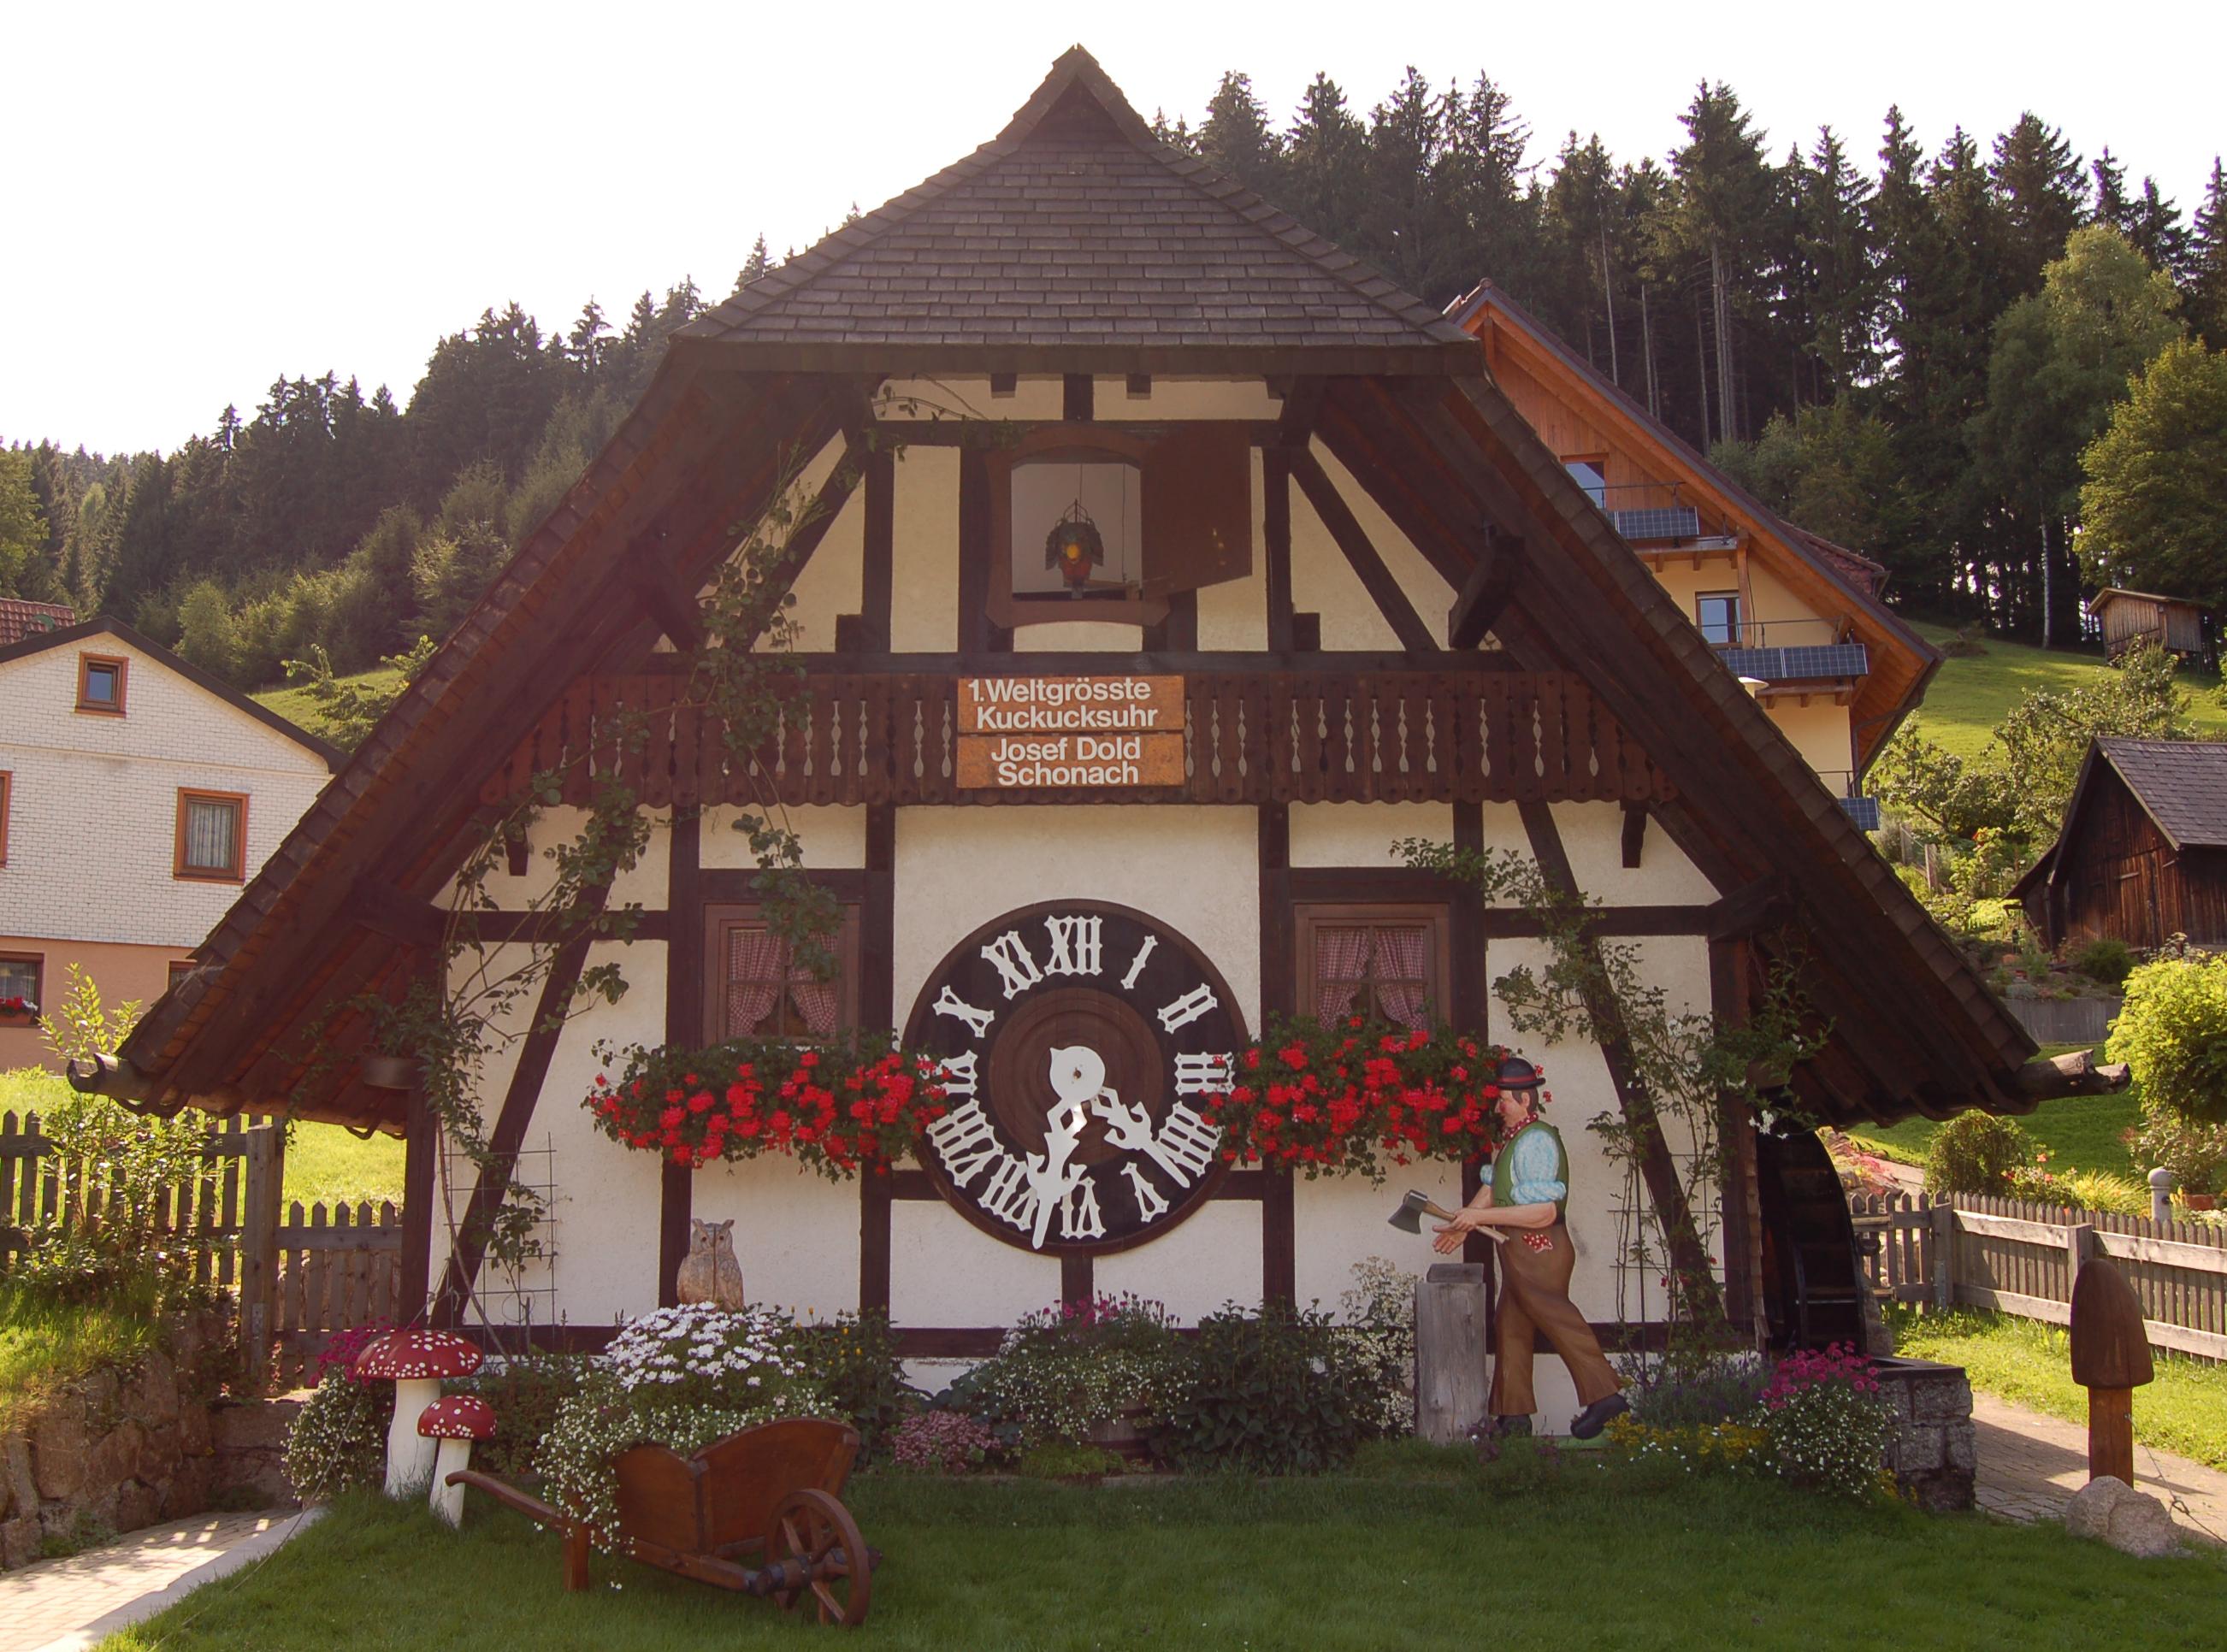 Erste Weltgrößte Kuckucksuhr in Schonach